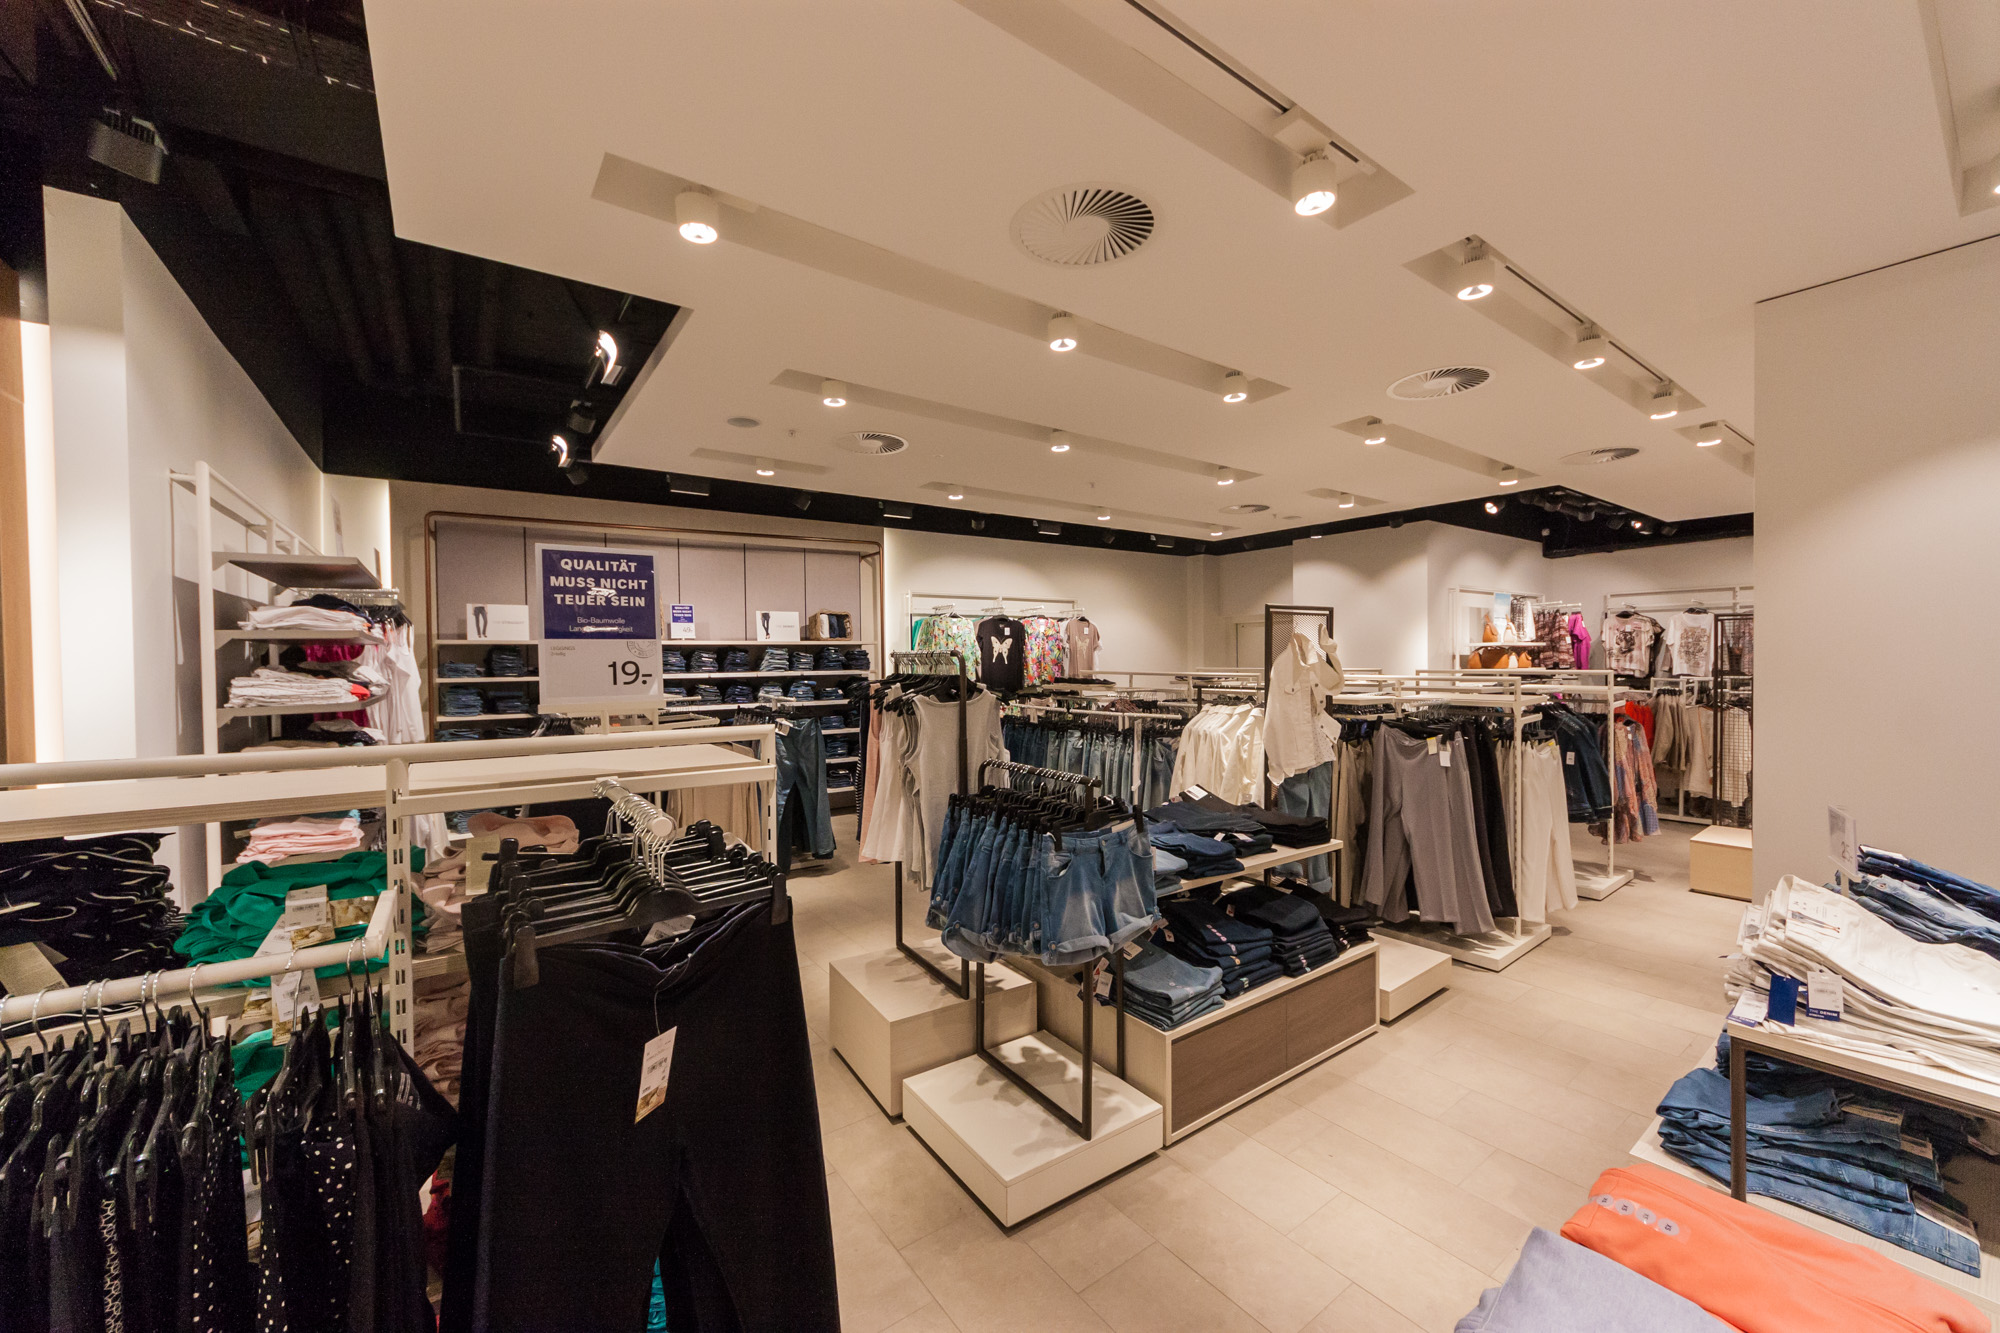 Die MerzGips AG hat im Kleidergeschäft C&A in Bern Trockenbau und Gipserarbeiten ausgeführt. Die Innenräume wurden 2017 renoviert und das Kleidergeschäft kommt im neuen Gewand daher.